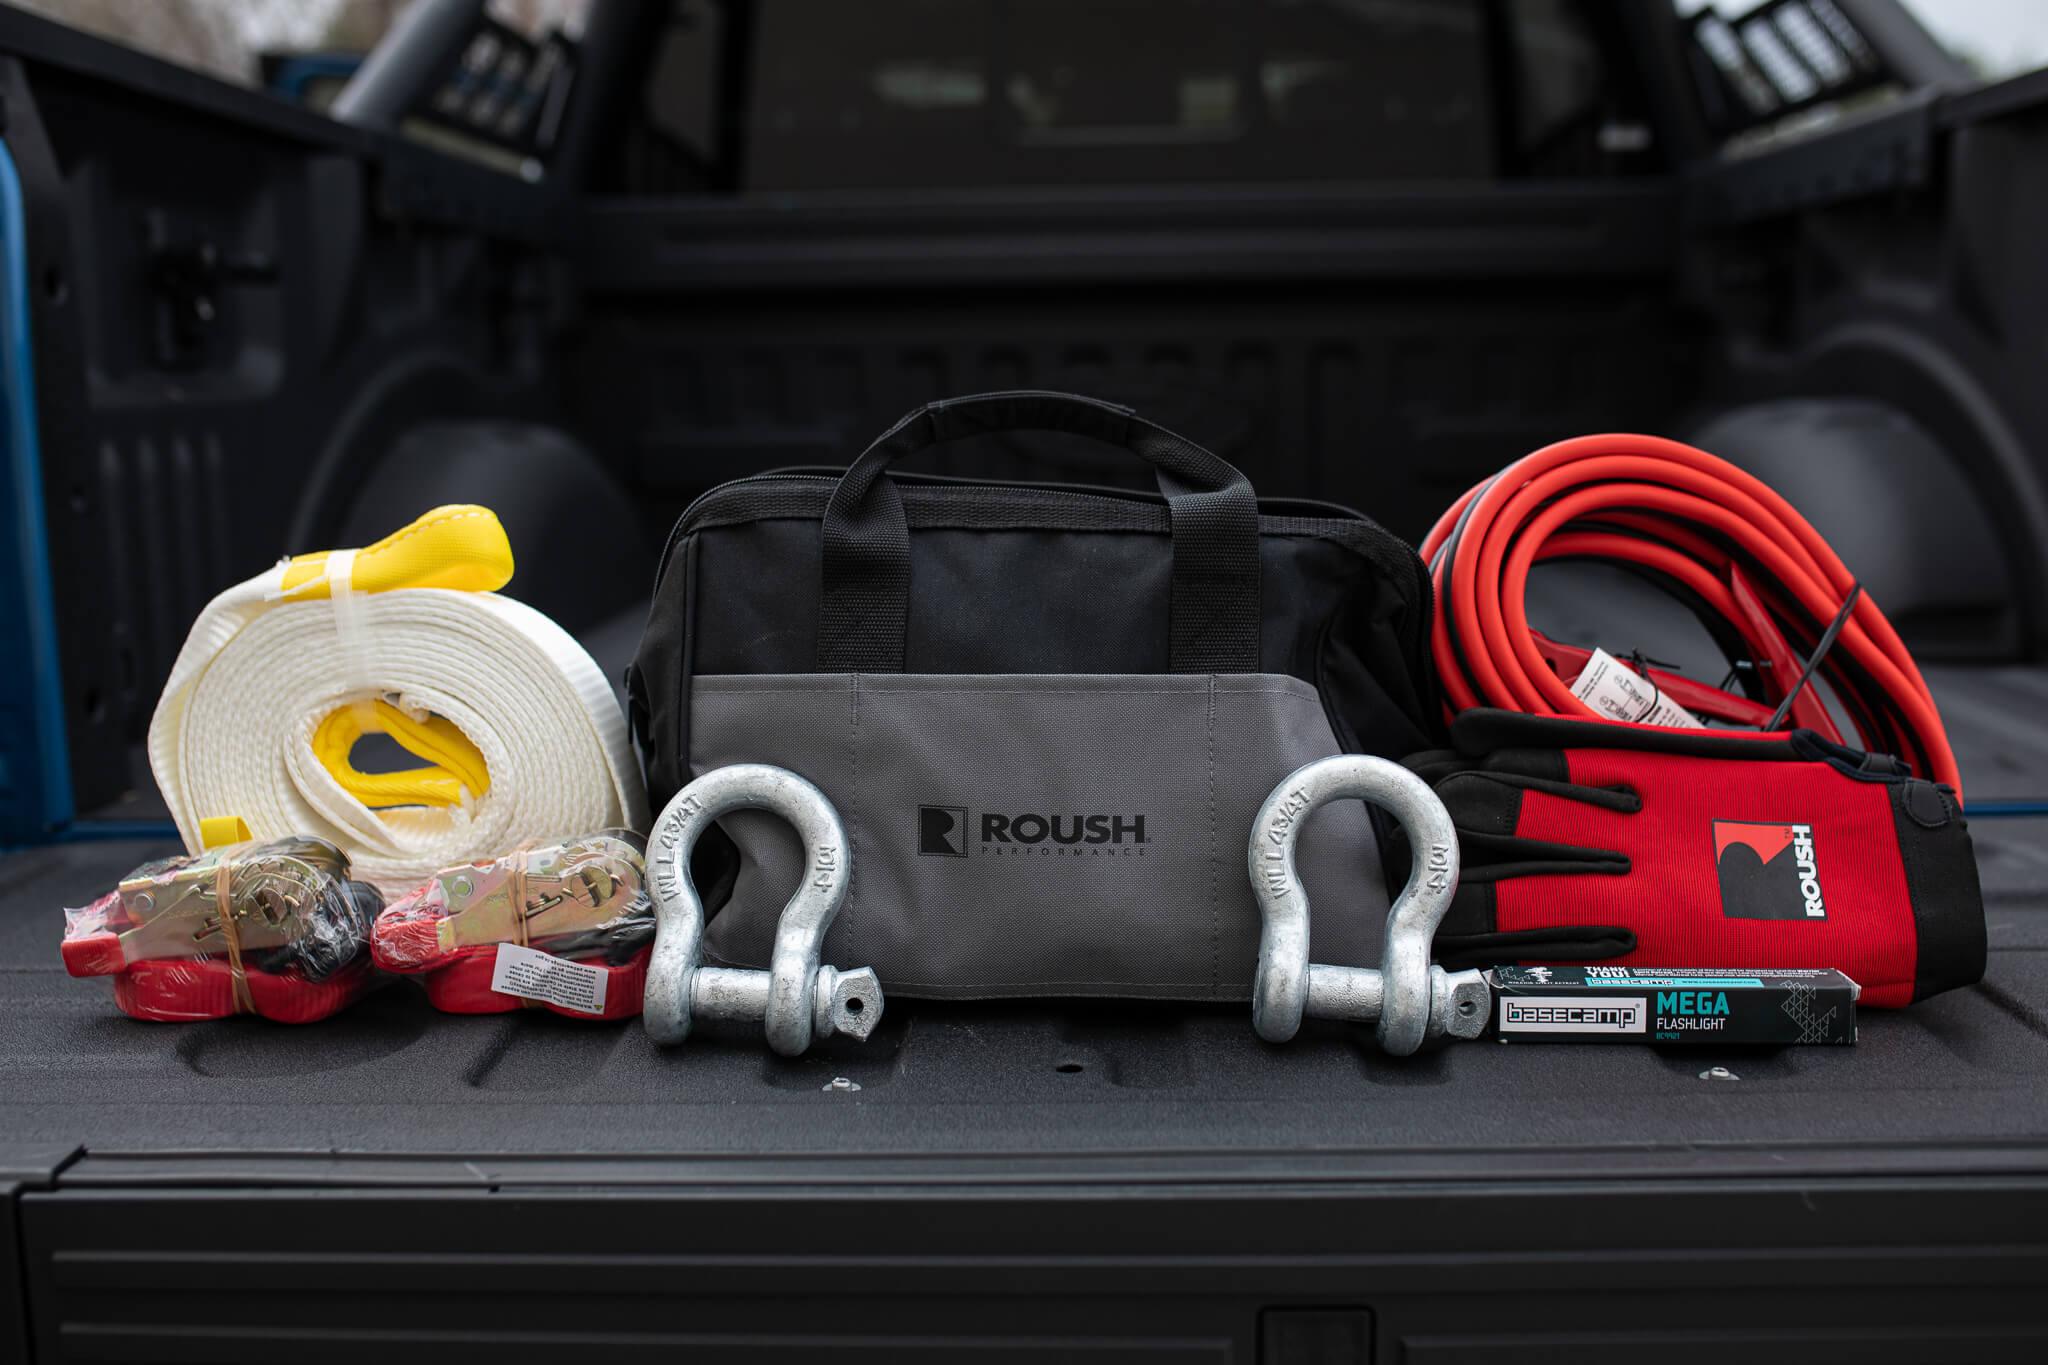 ROUSH off-road utility kit